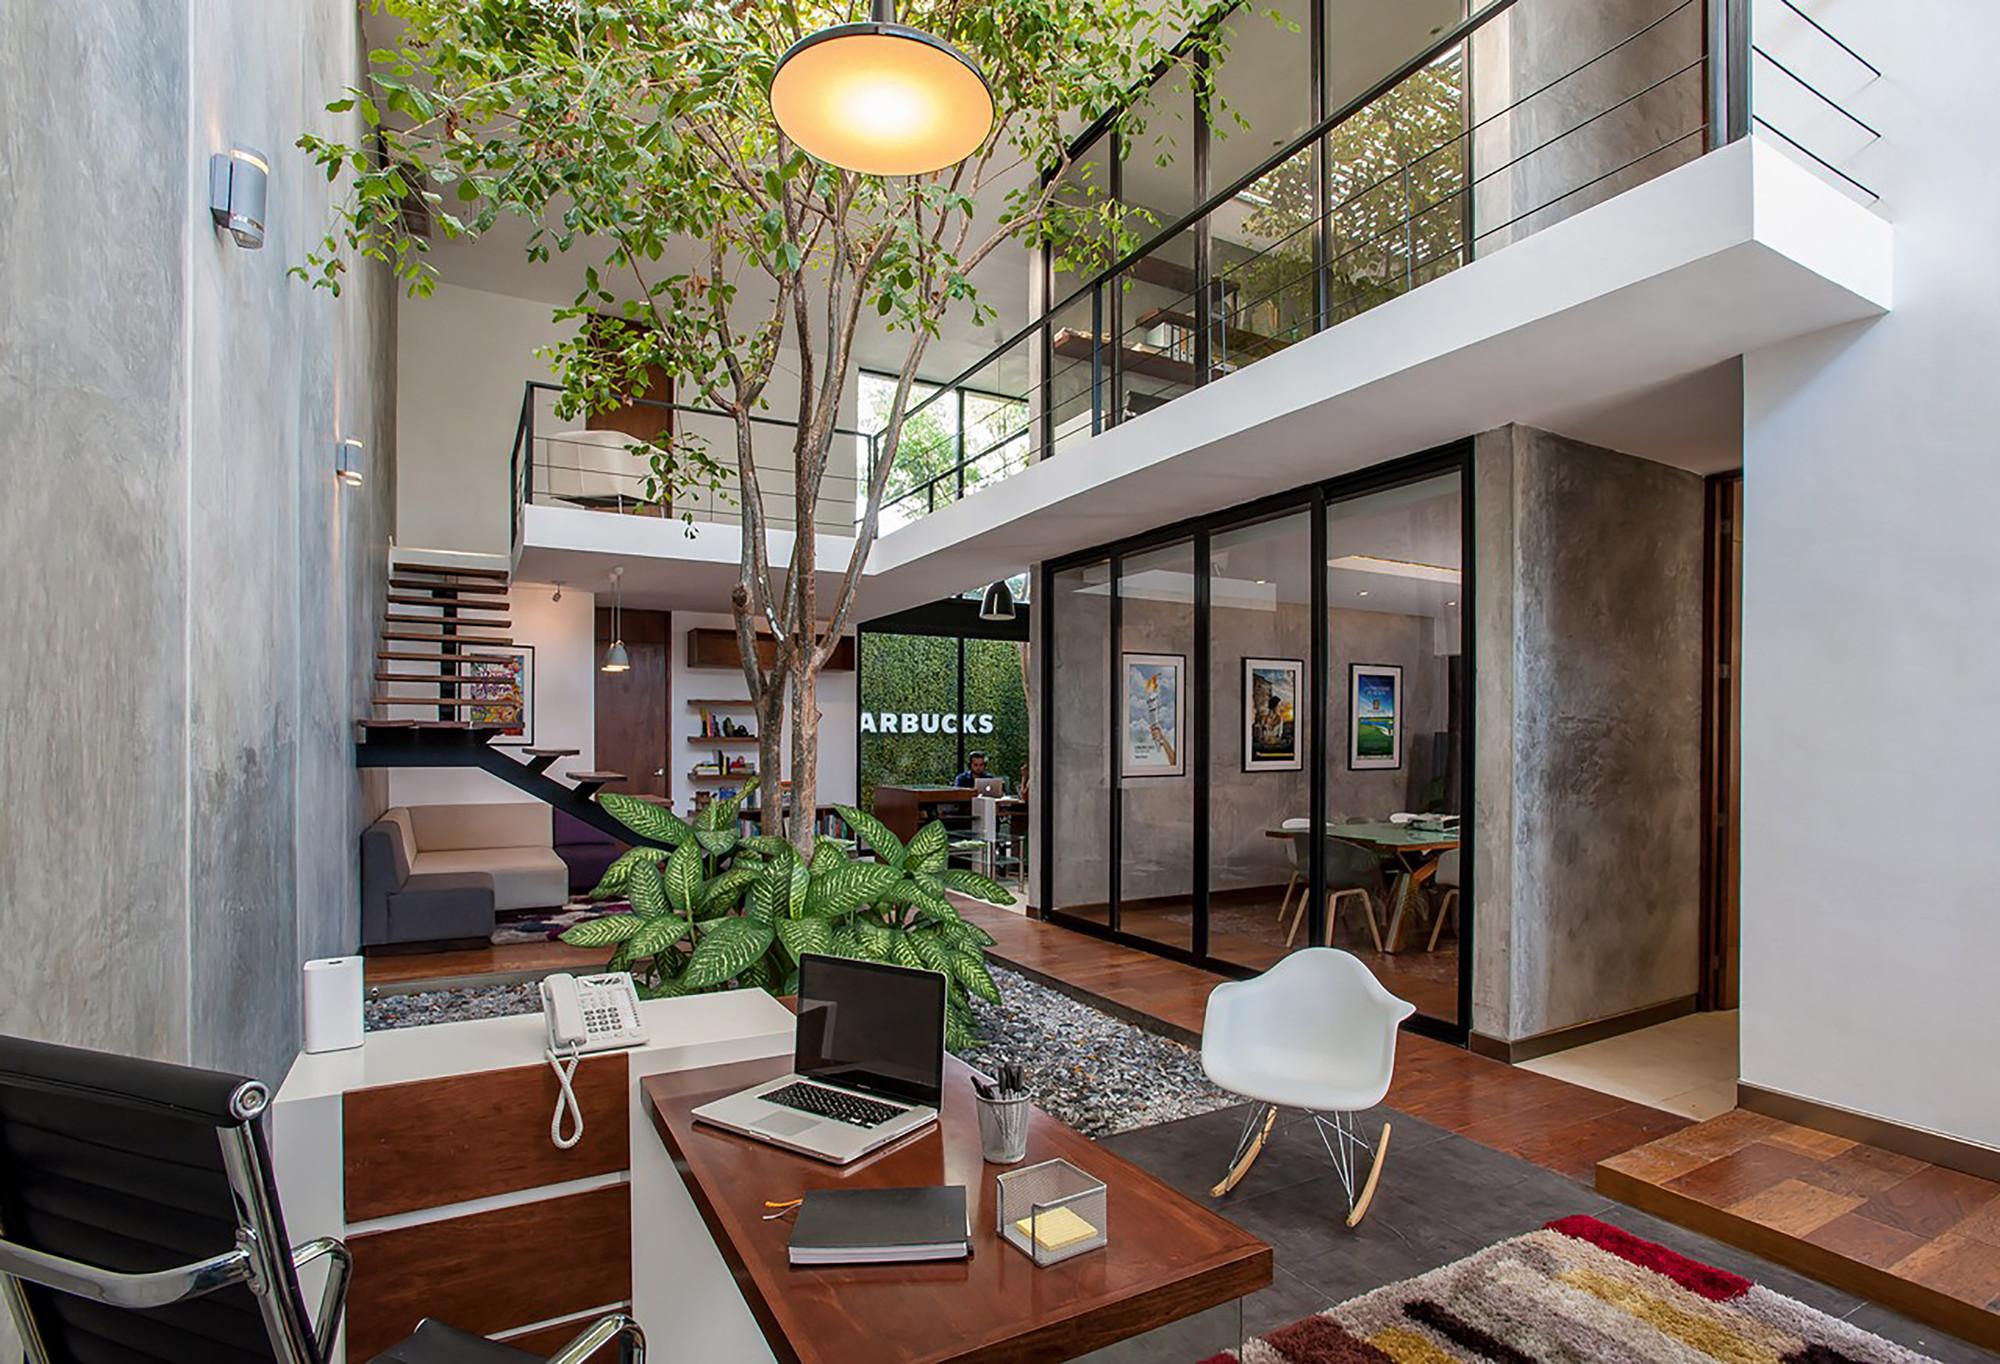 Oficinas matatena desnivel arquitectos archdaily m xico for Interior oficinas modernas